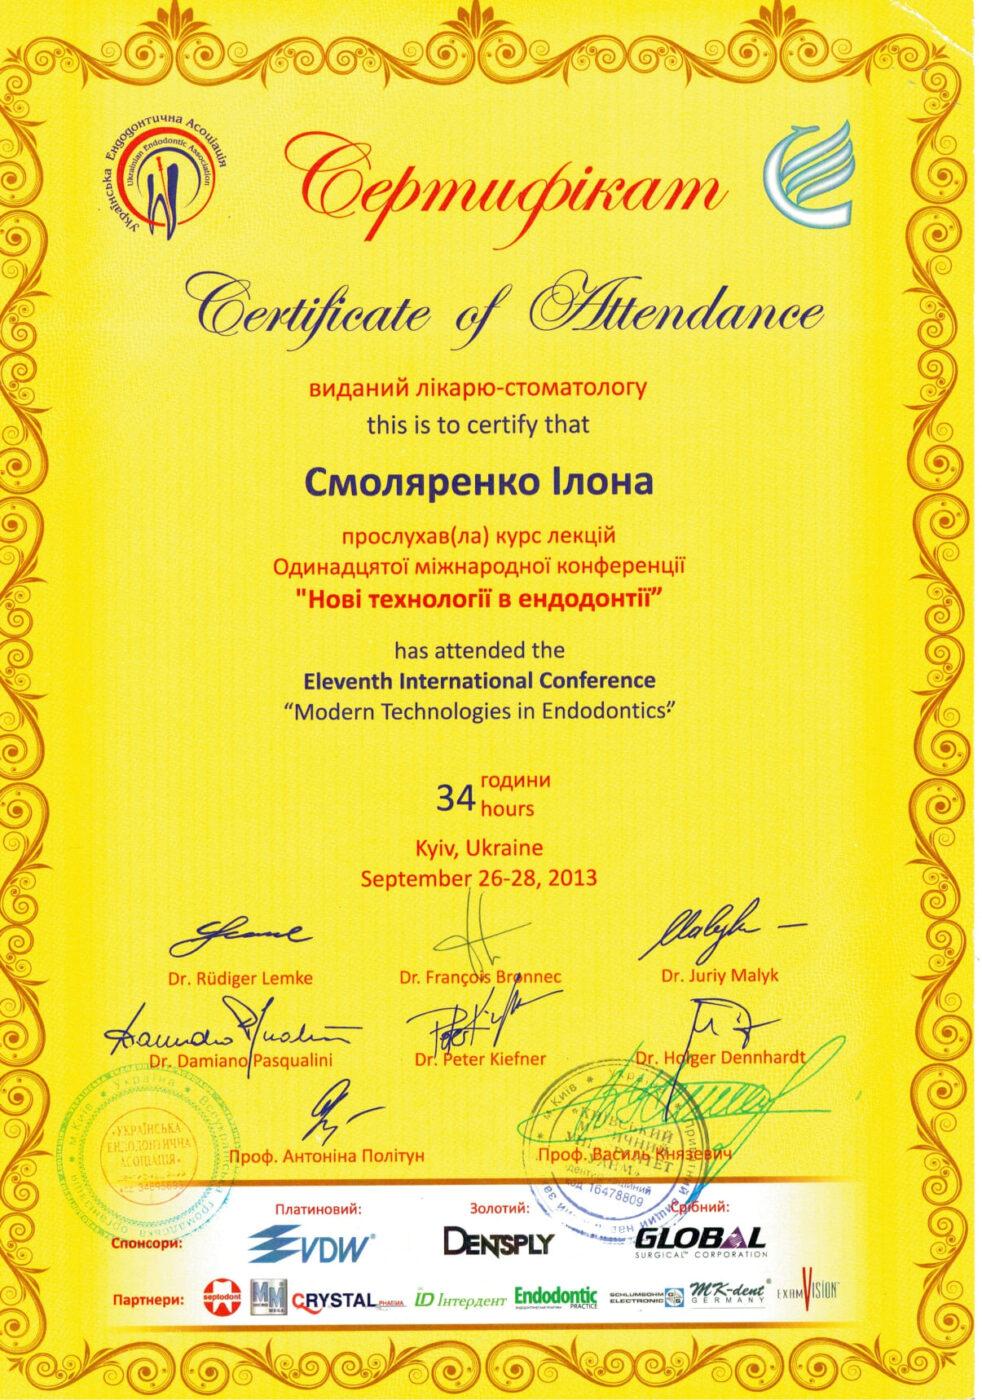 Сертифікат дитячого лікаря стоматолога Смоляренко Ілони Олегівни об участі у конференции (Нові технології в ендодонтії)